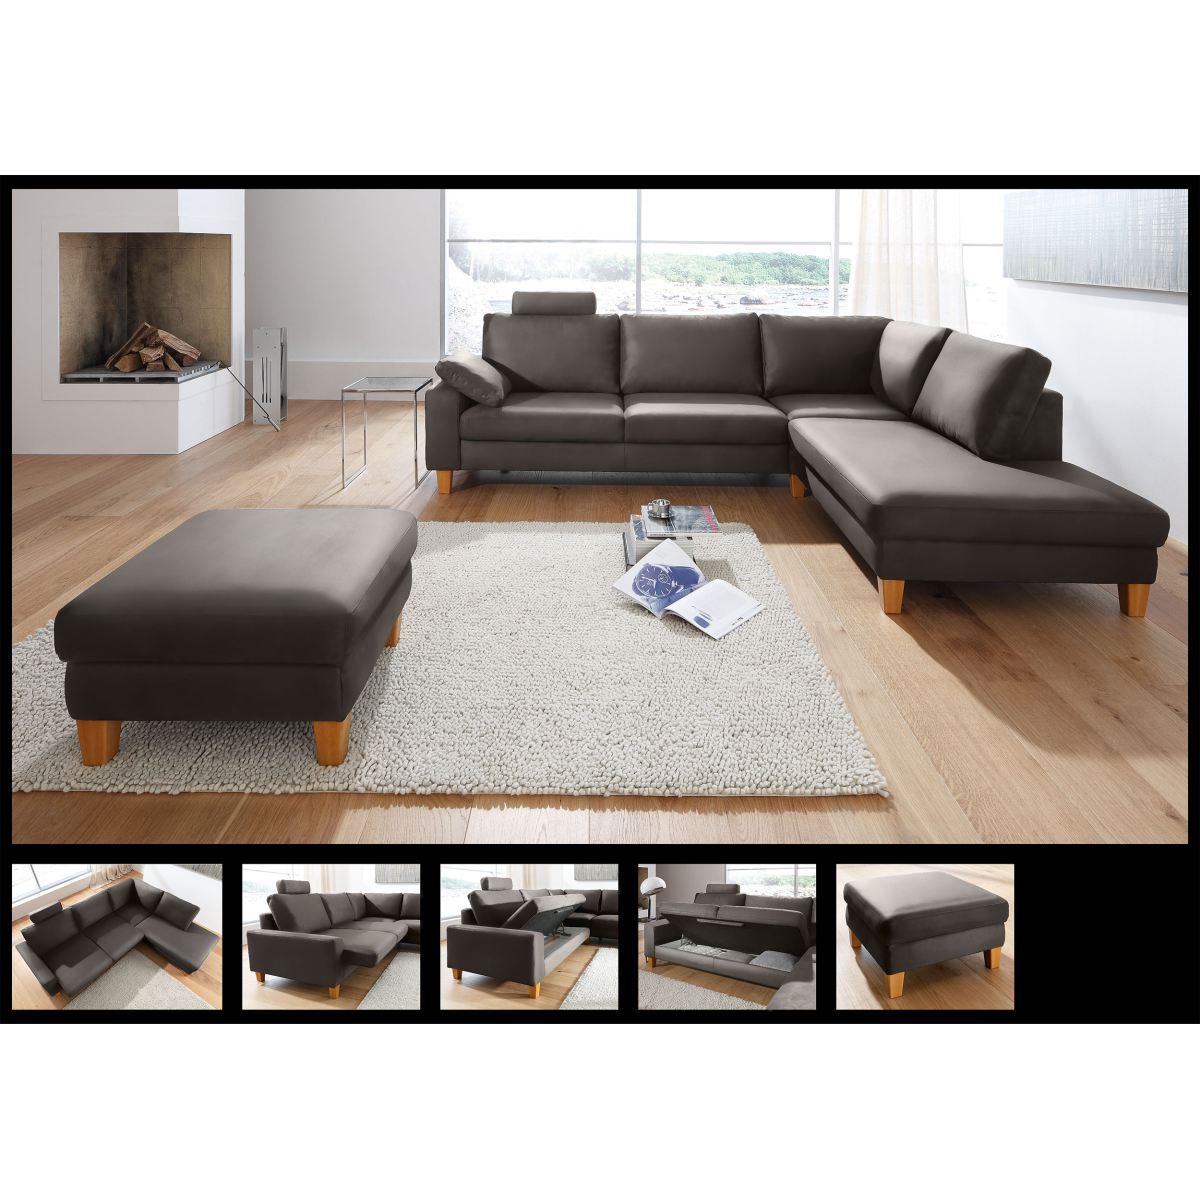 rundecke mosaik mit schlaffunktion und hohem r cken porta. Black Bedroom Furniture Sets. Home Design Ideas